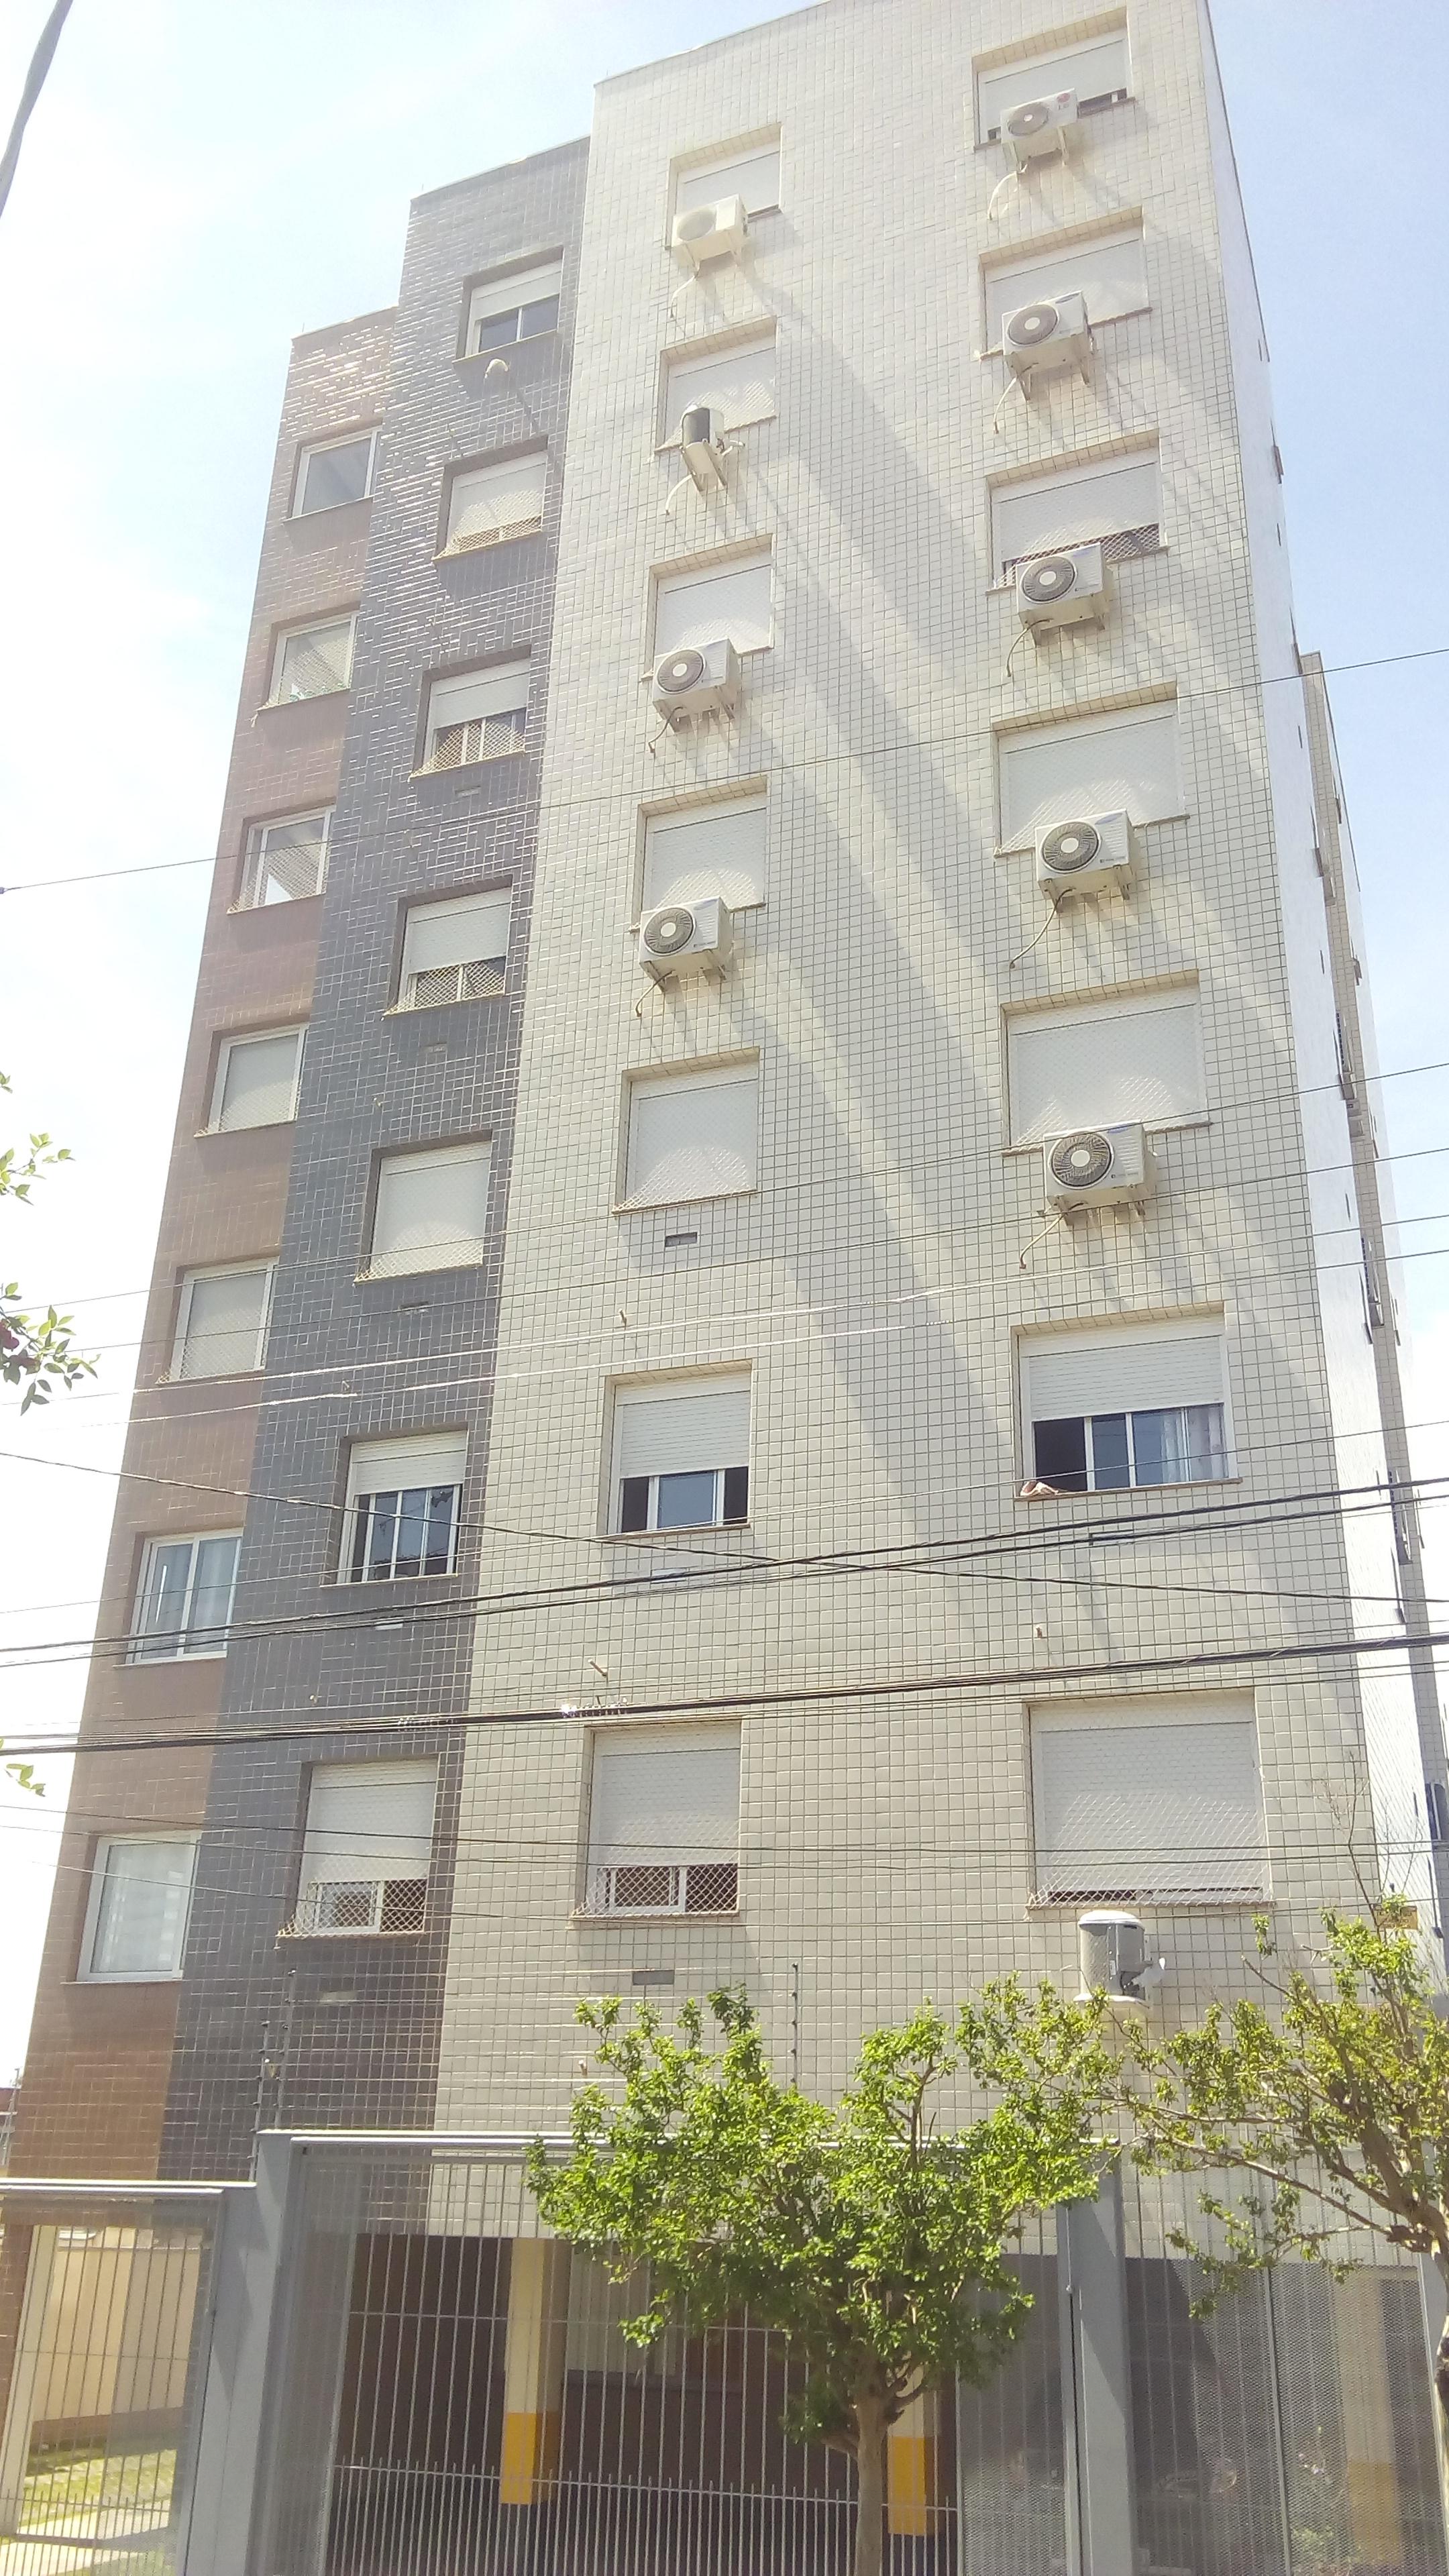 Apto 3 quartos, 85 m²  no bairro PARTENON em PORTO ALEGRE/RS - Loja Imobiliária o seu portal de imóveis para alugar, aluguel e locação